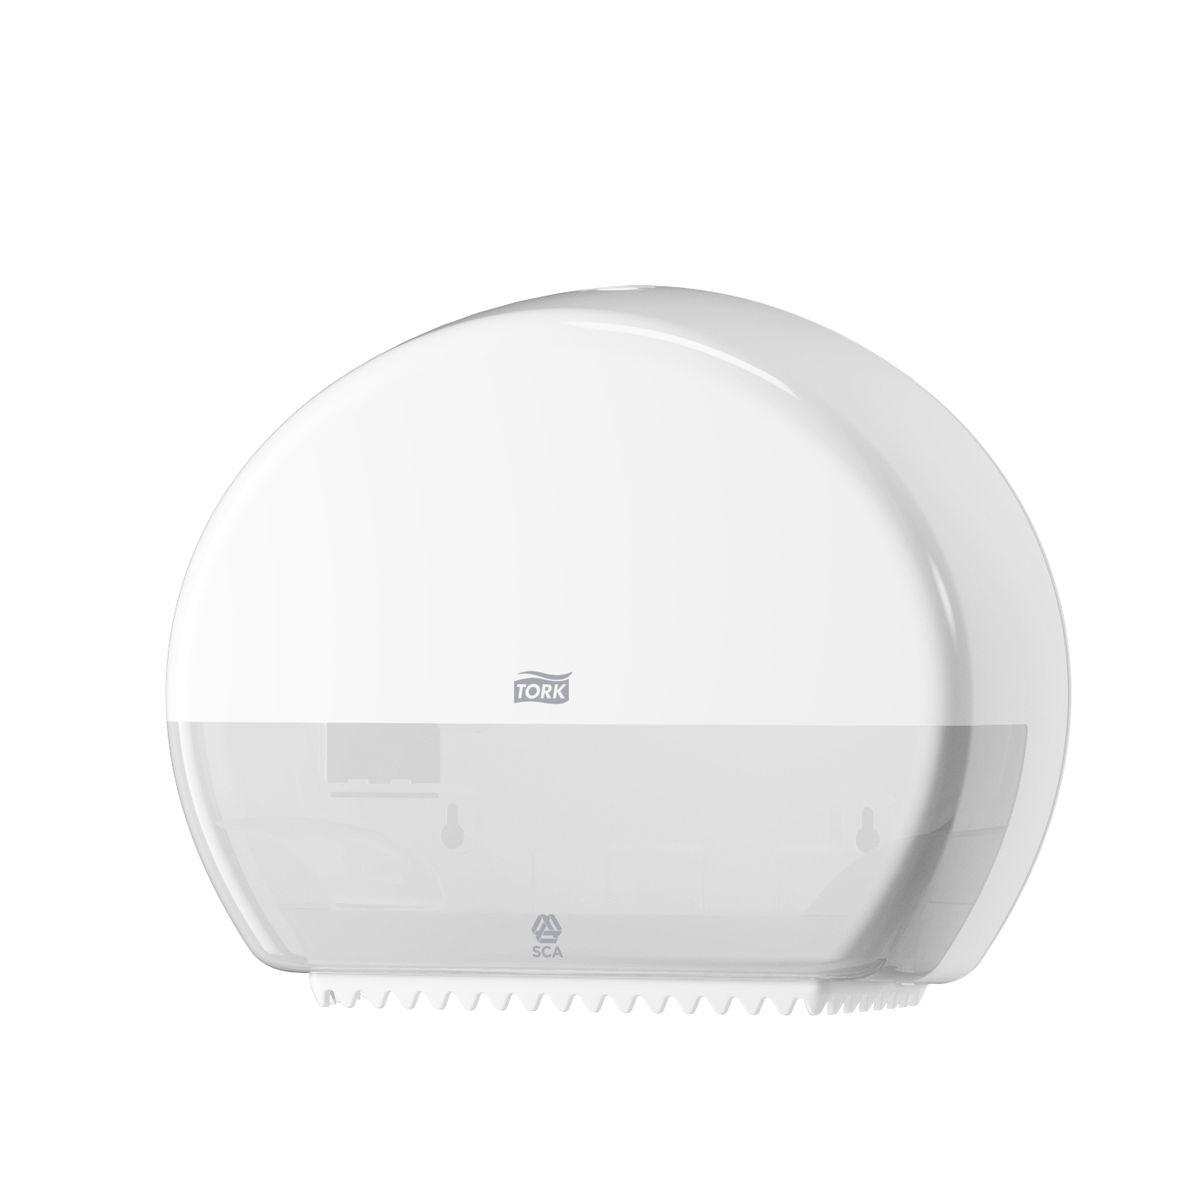 Диспенсер для туалетной бумаги Tork, цвет: белый. 555000CLP446Система T2 - для туалетной бумаги в мини рулонахДержатель изготовлен из ударопрочного пластика белого цвета.Функция Stub Roll позволяет сэкономить до 35 м бумаги.Снабжен специальными зубчиками, которые подходят для отрыва полотна как с перфорацией, так и без нее.Открывается двумя альтернативными способами: ключом и кнопкой.Вмещает рулон длиной до 200 метров.